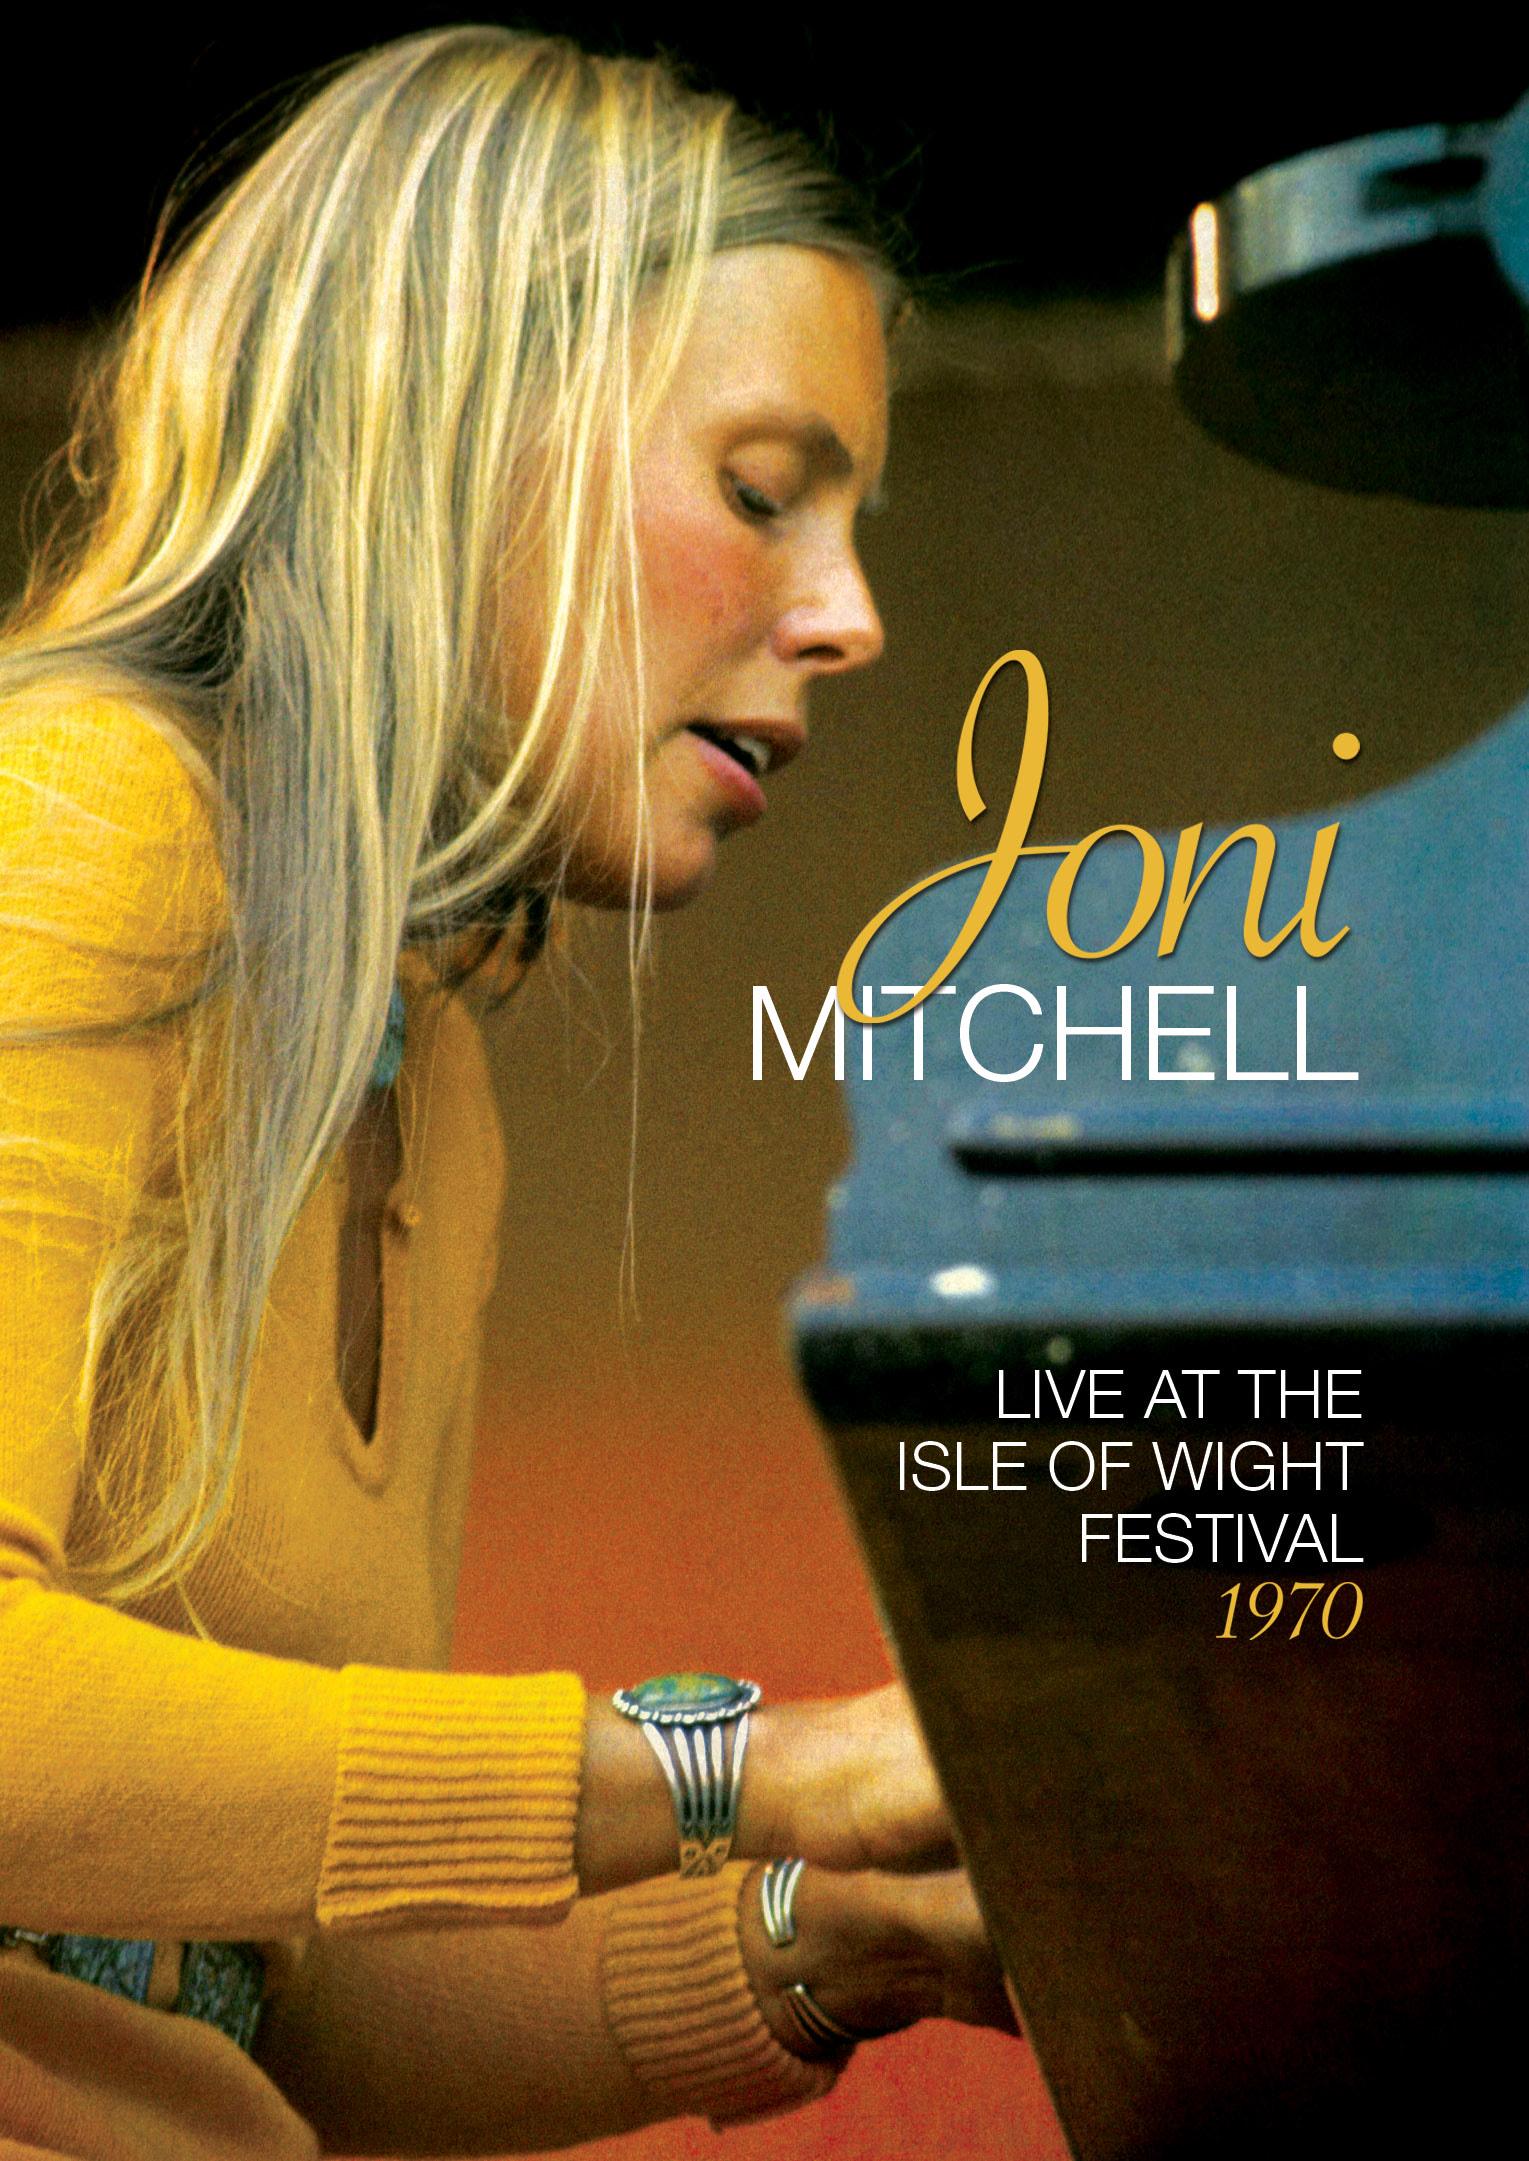 ジョニ・ミッチェル / ワイト島のジョニ・ミッチェル 1970